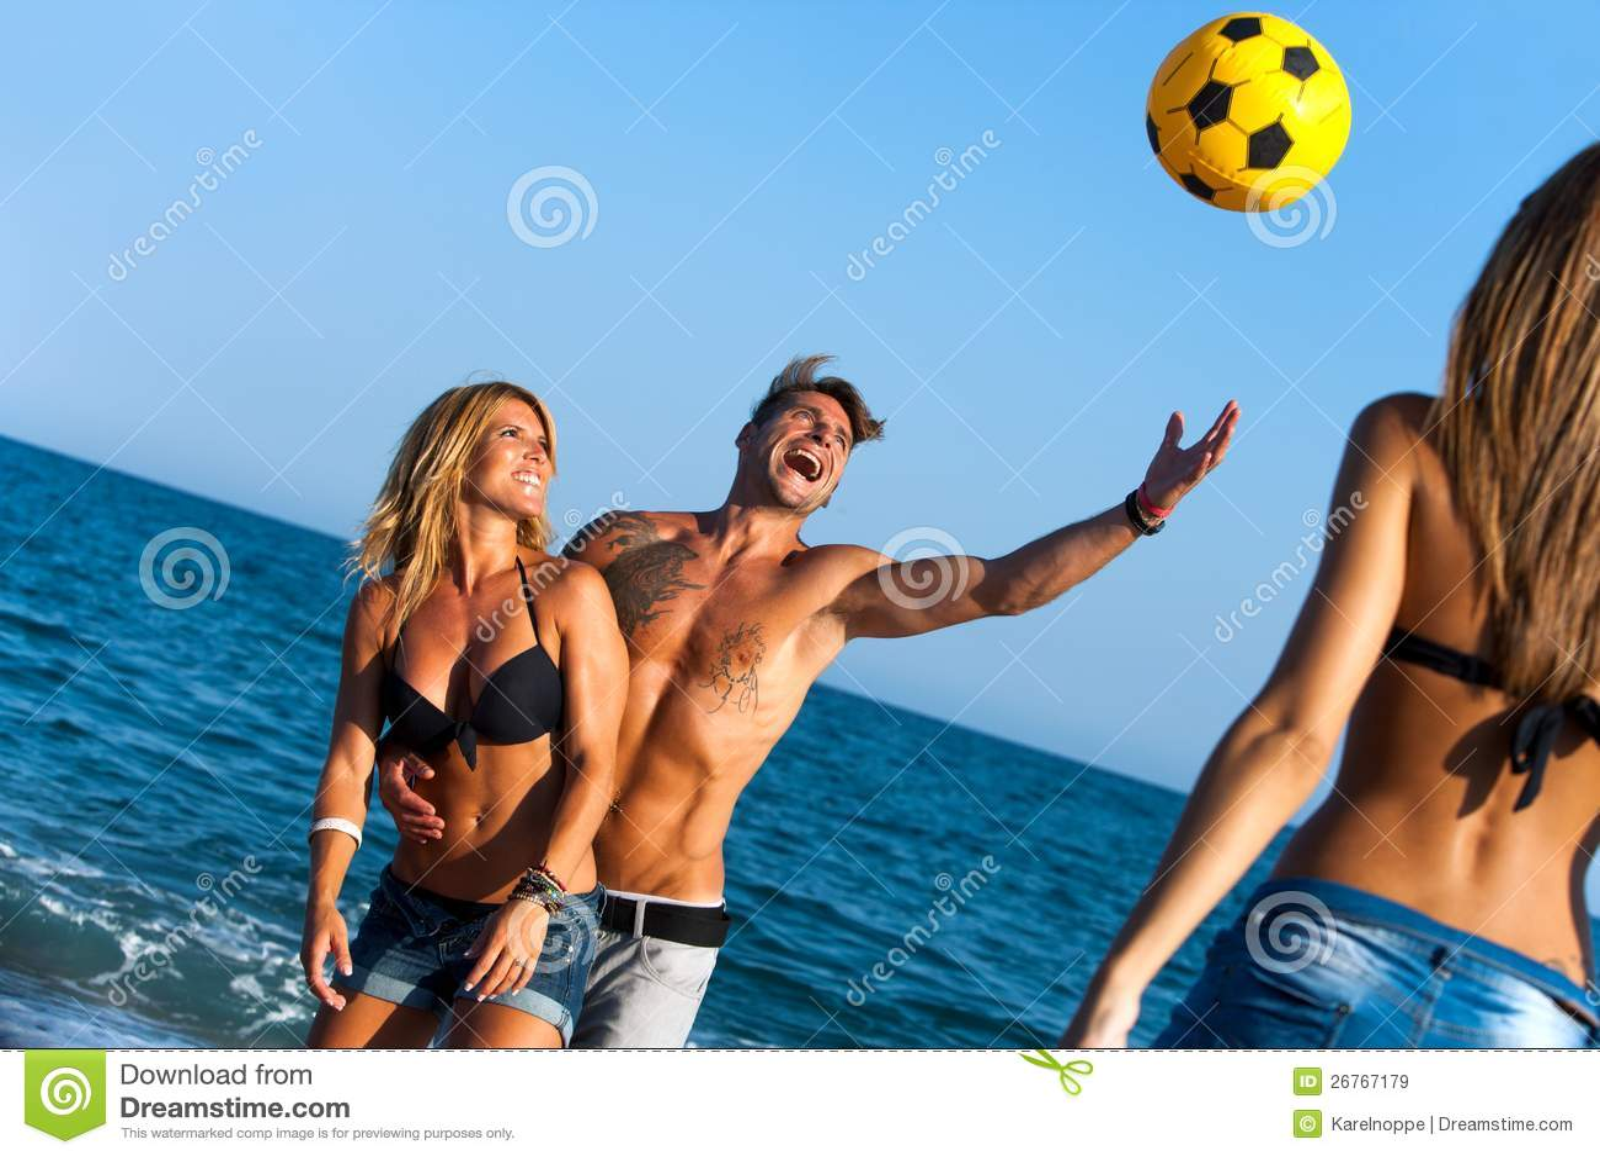 Рассказы секс втроём на пляже, Свингеры рассказы -историй. Читать порно онлайн 25 фотография